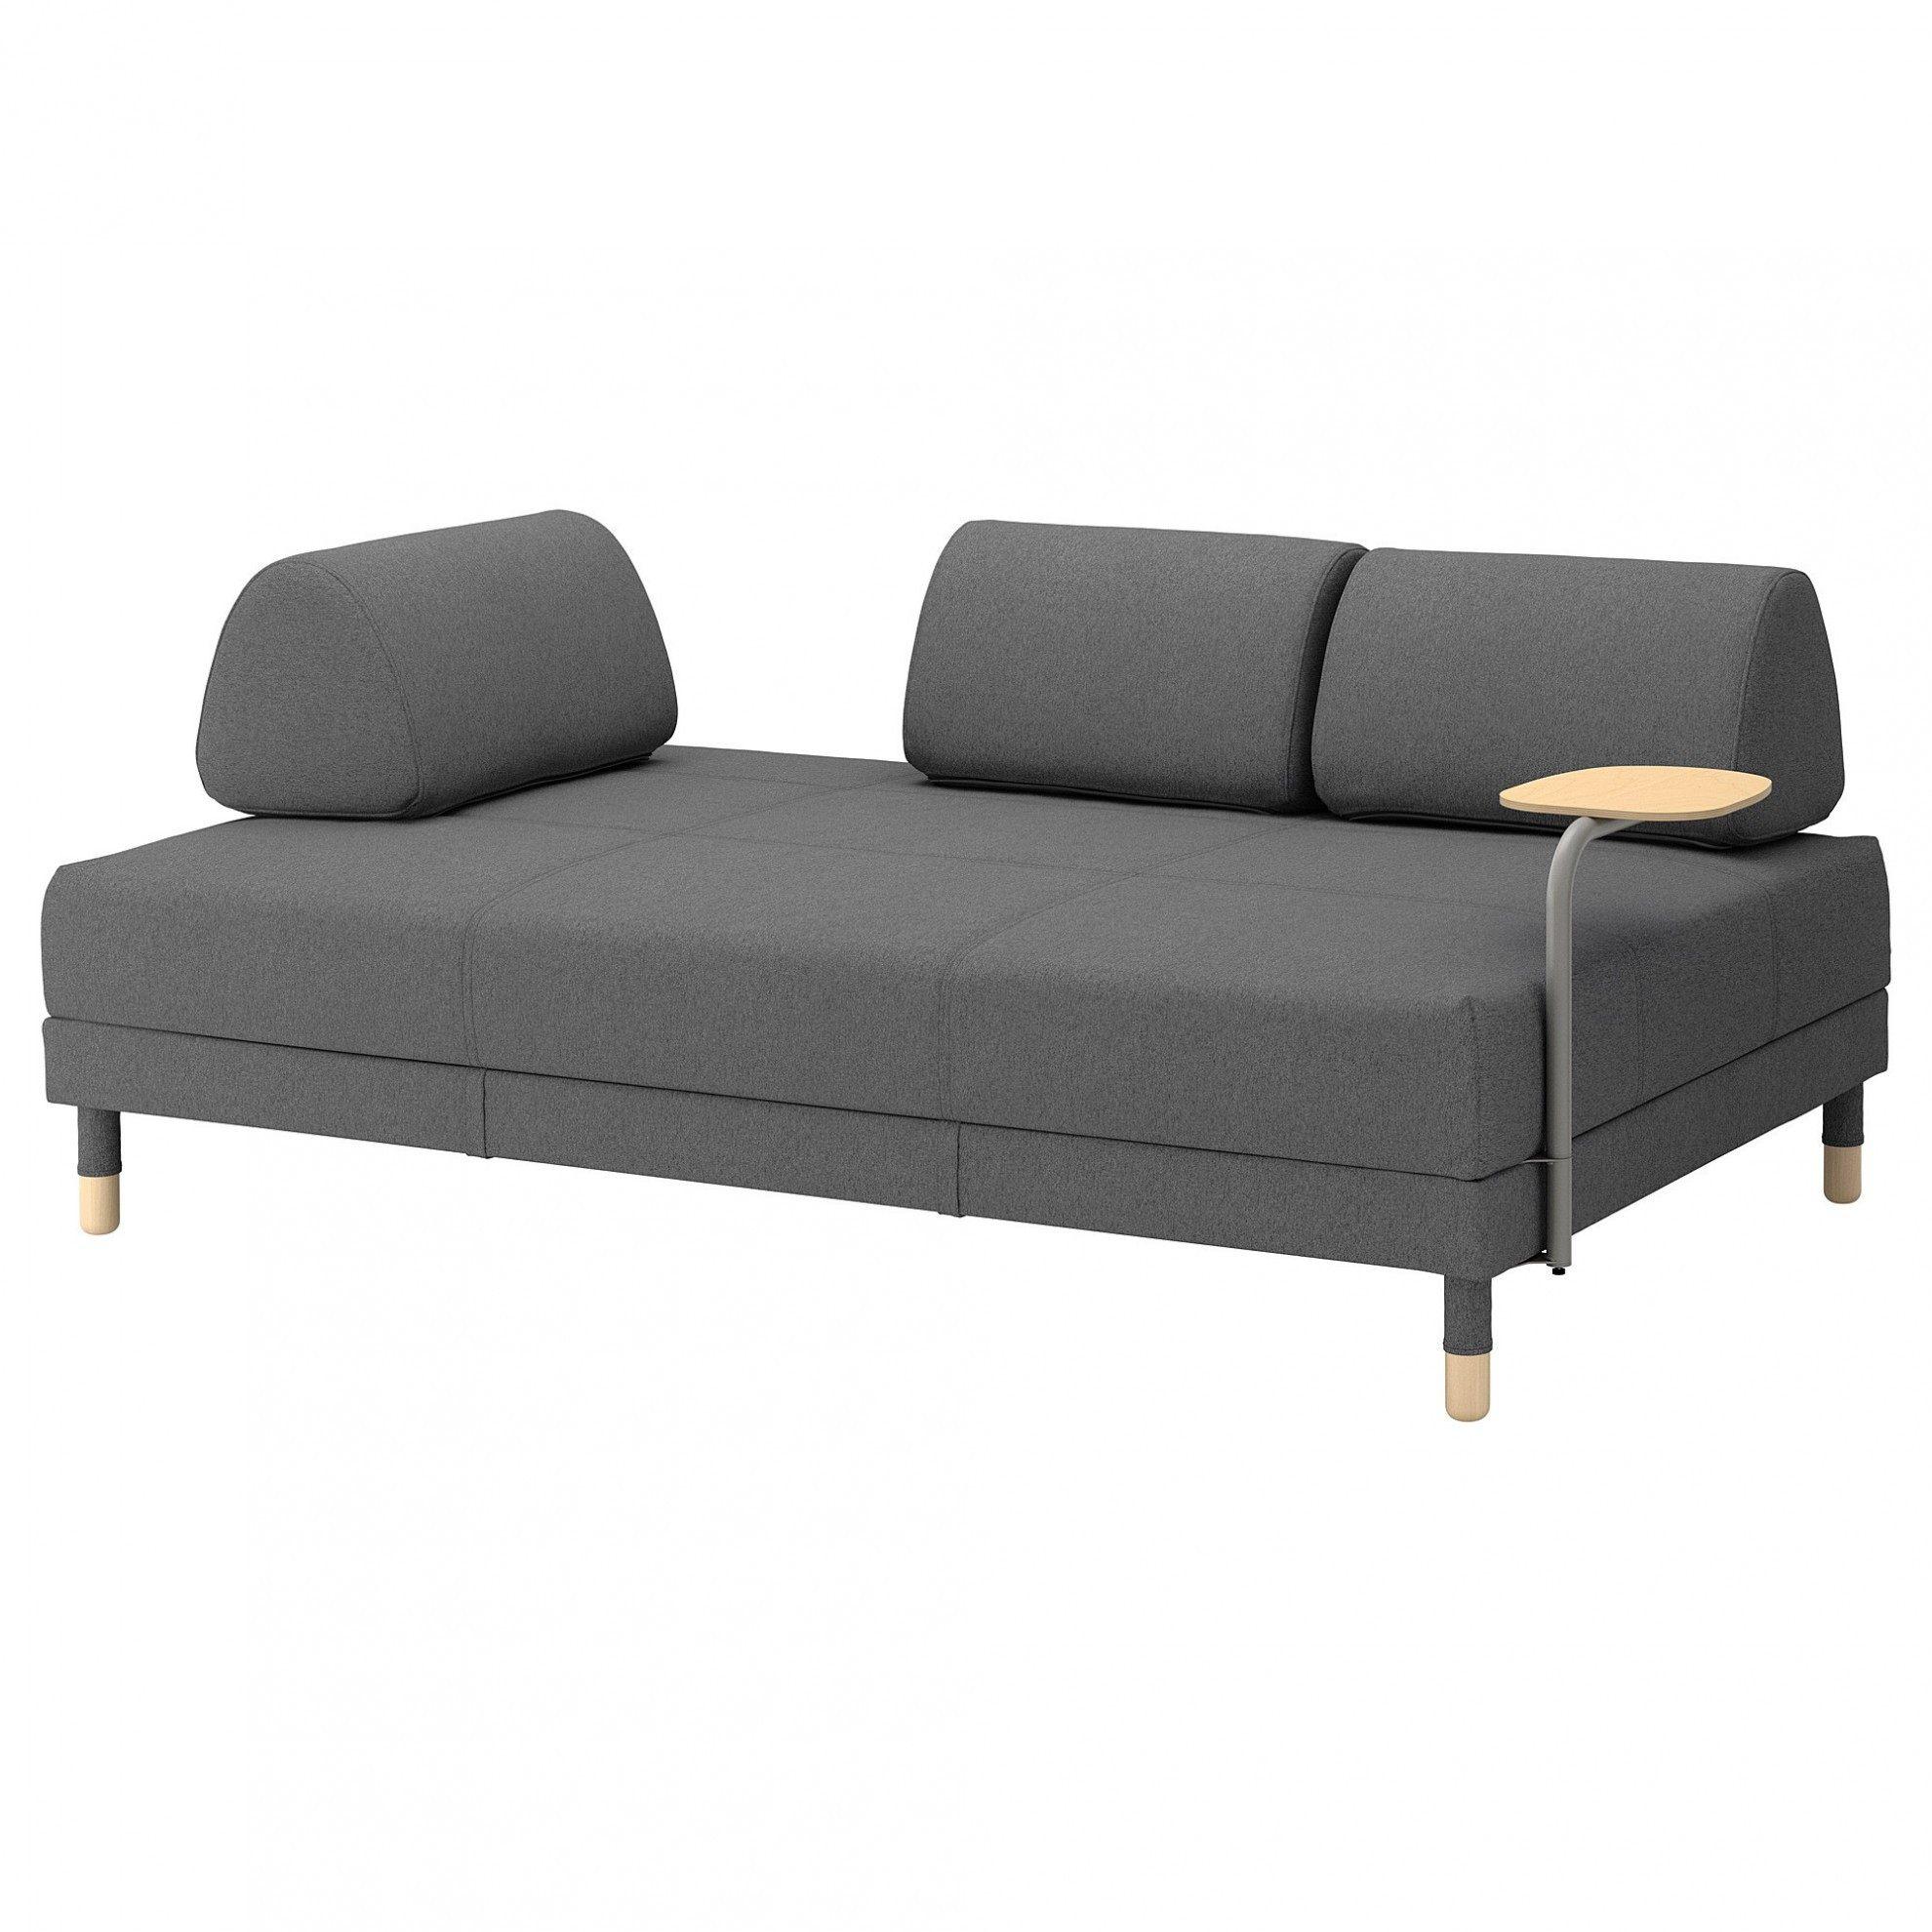 Maison Du Monde Canapé Lit De Luxe Entra Nant Lit Superposé Avec Canapé Sur Lit Biné Armoire Fresh Lit